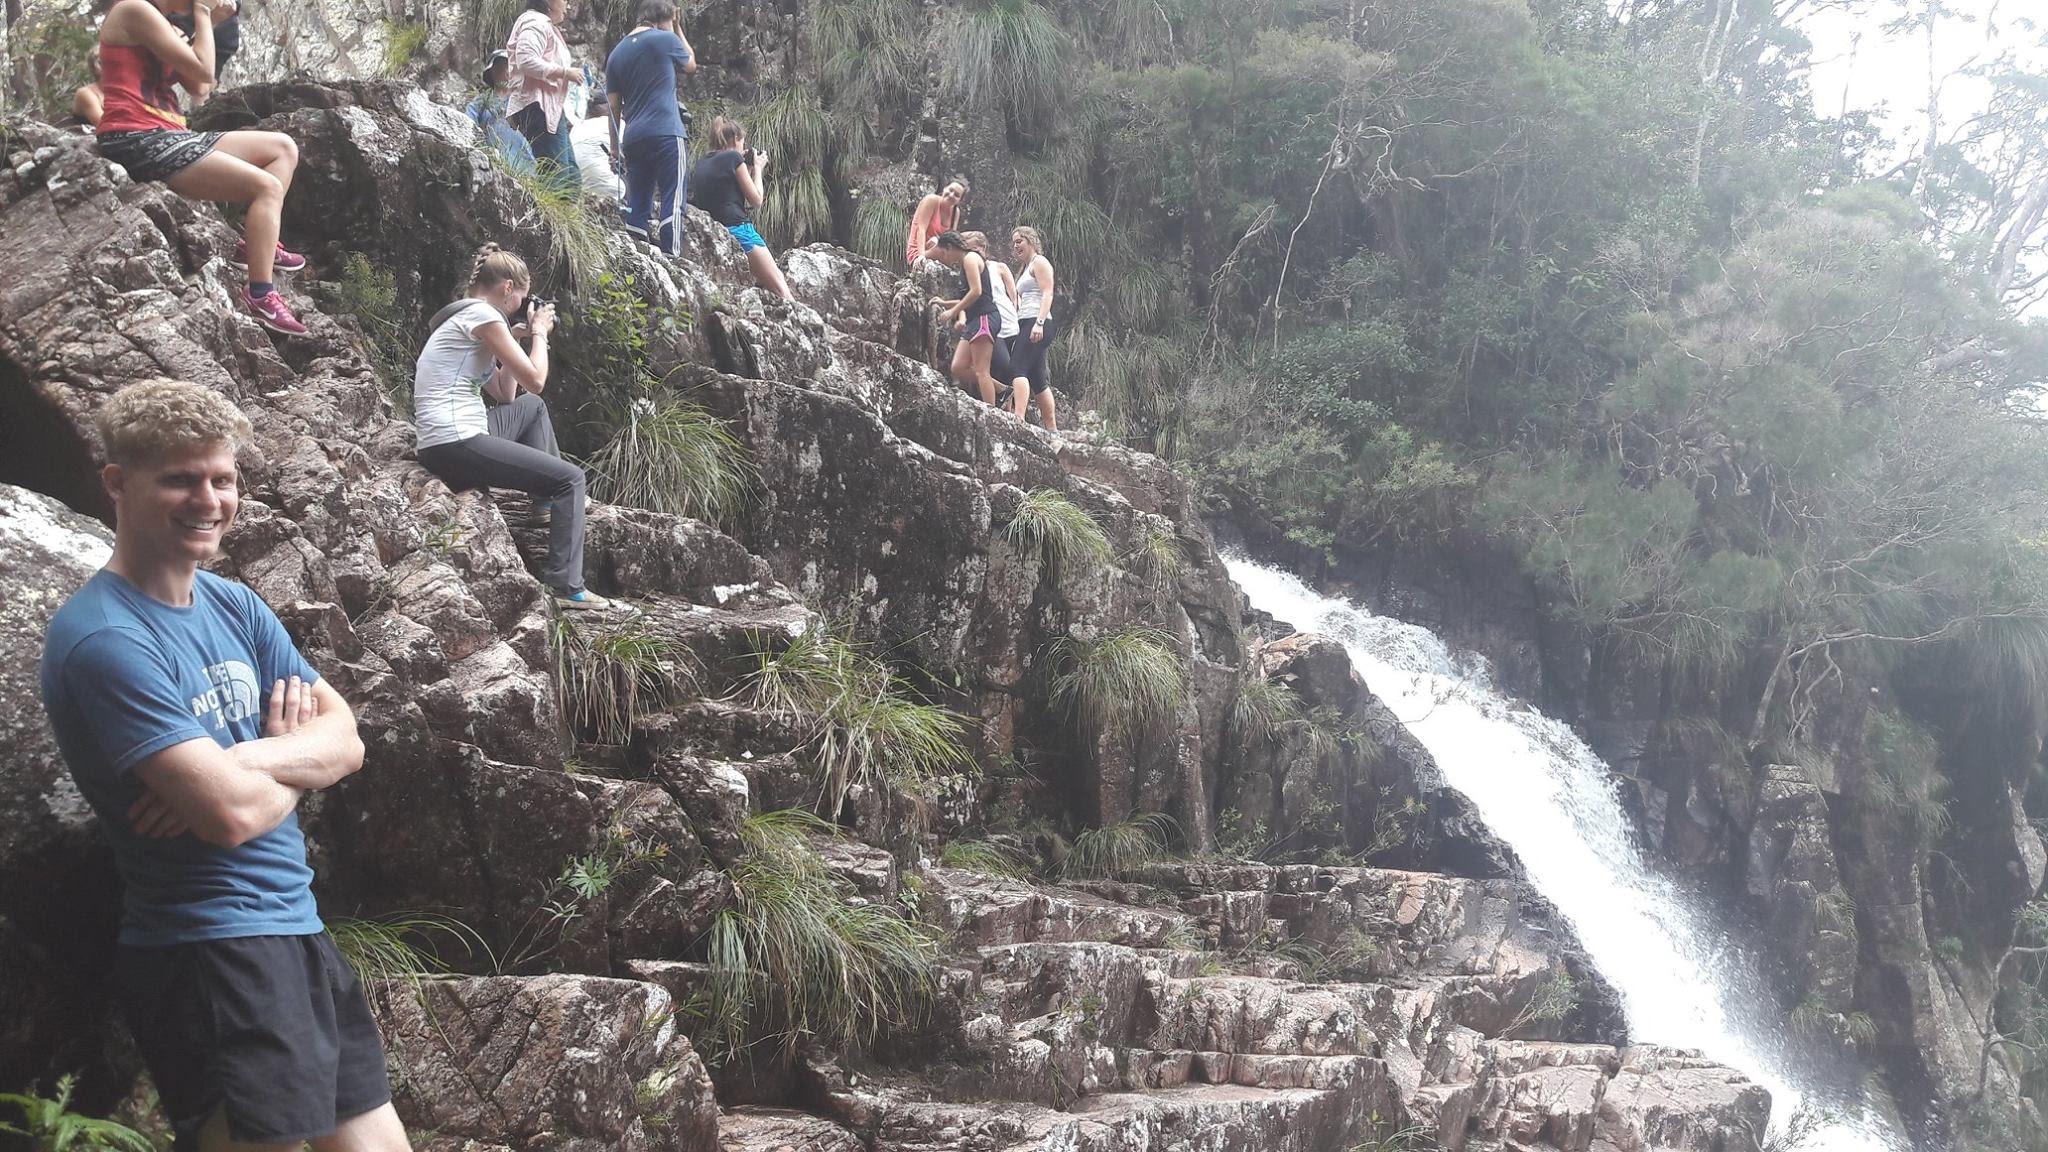 Crystal Falls, Paluma